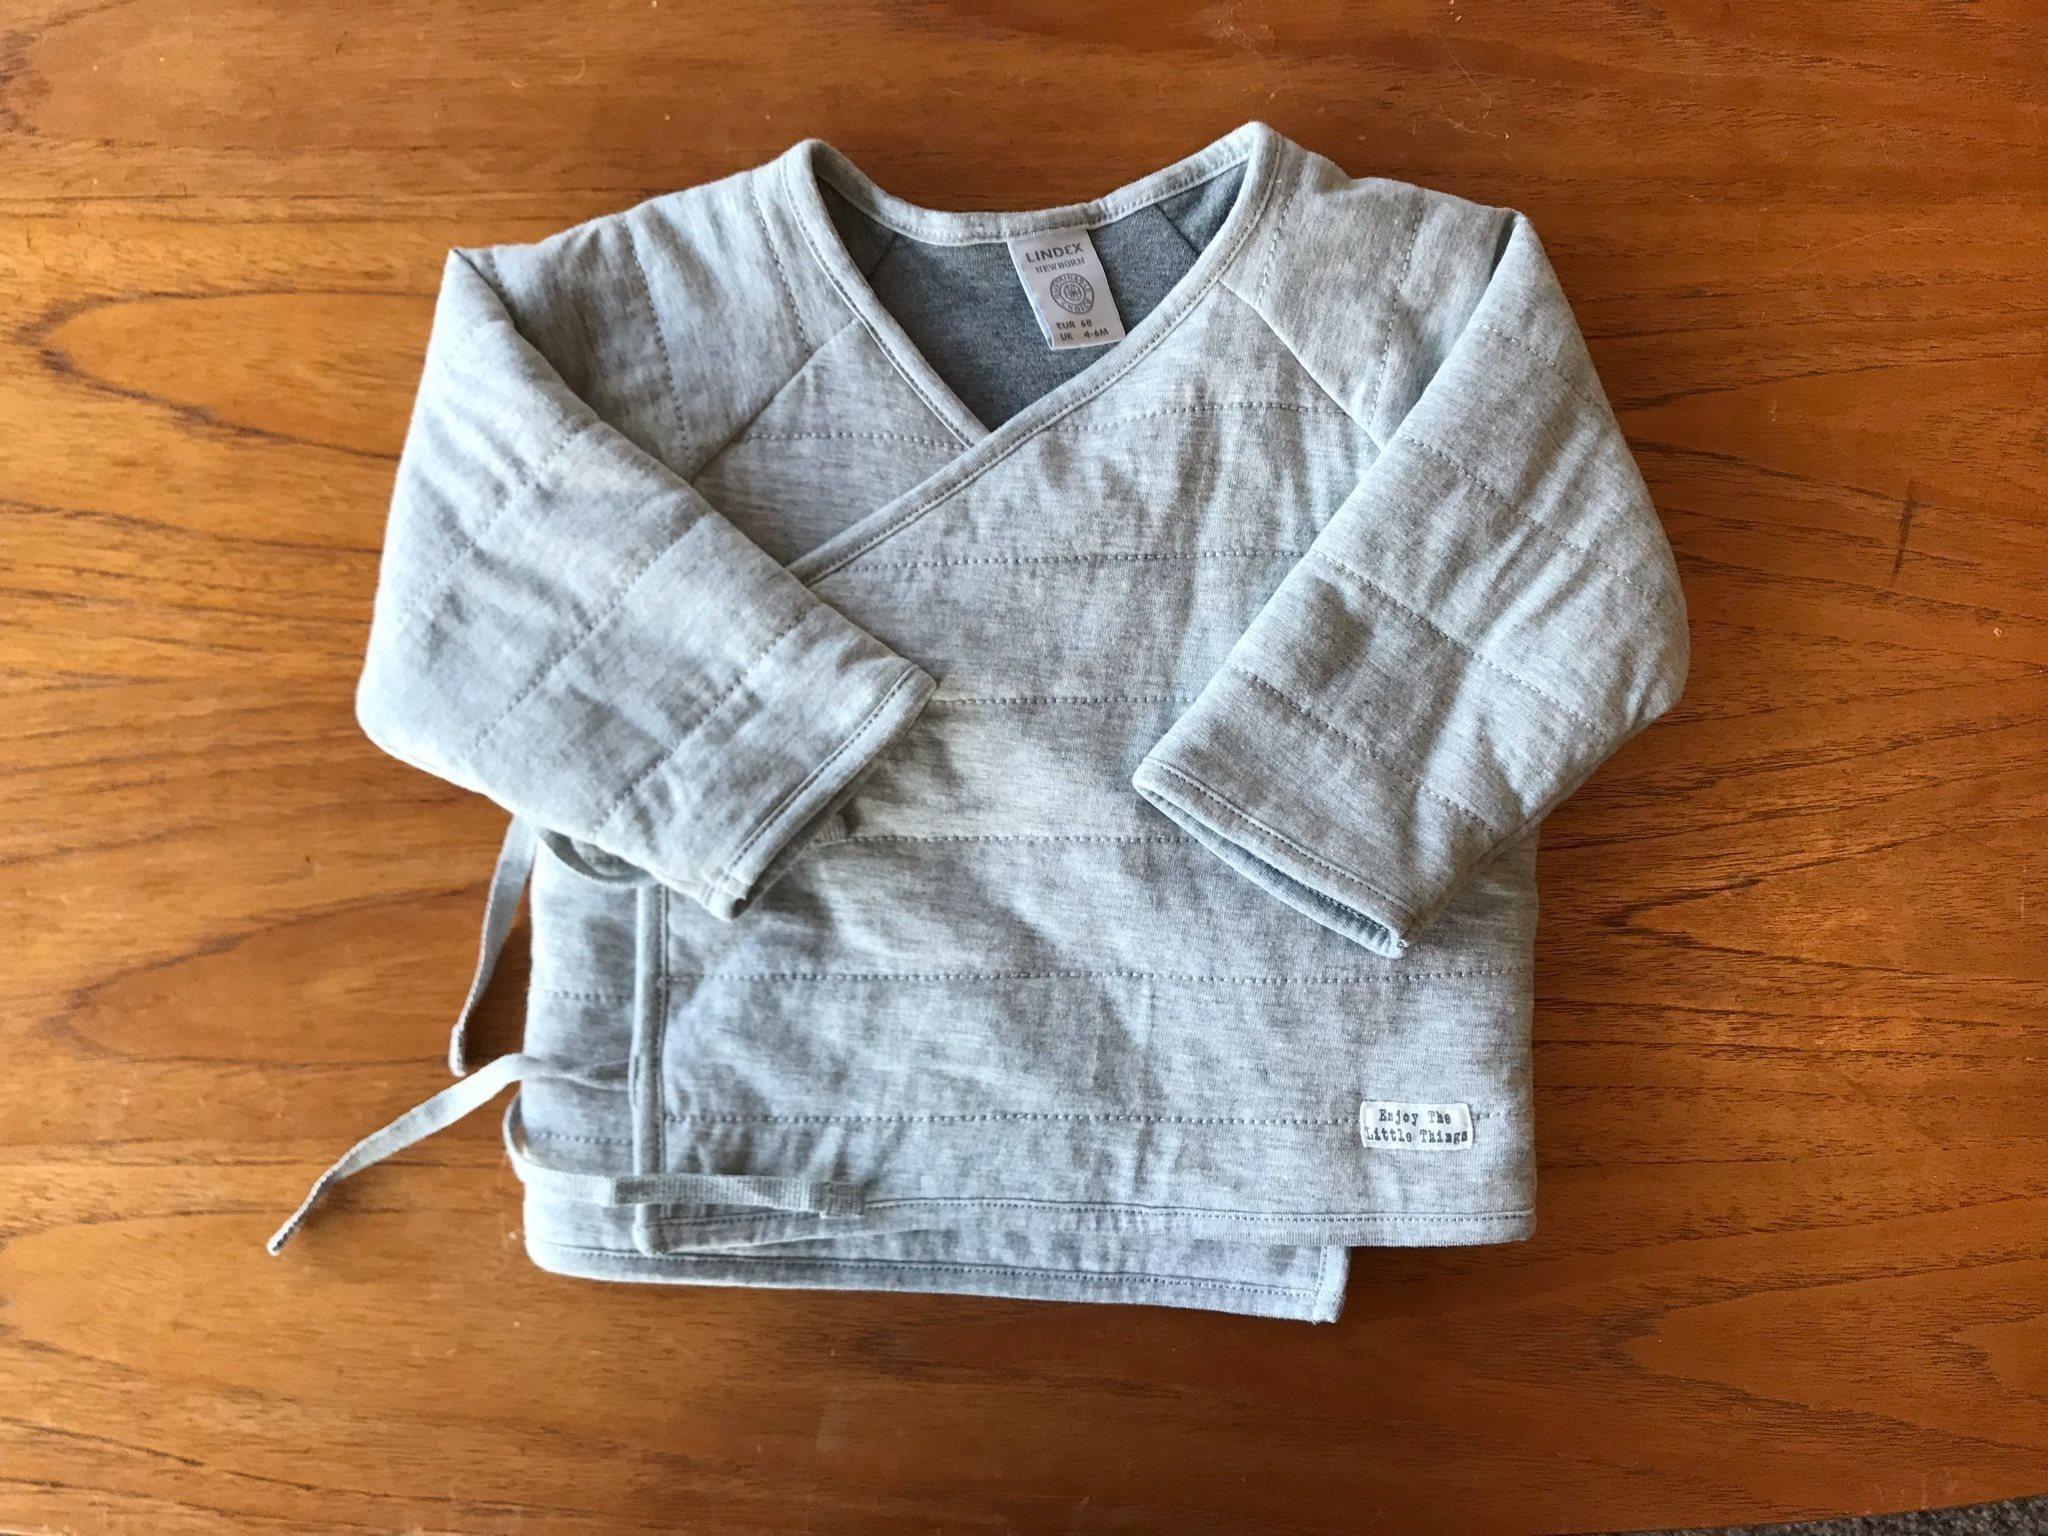 omlott tröja baby